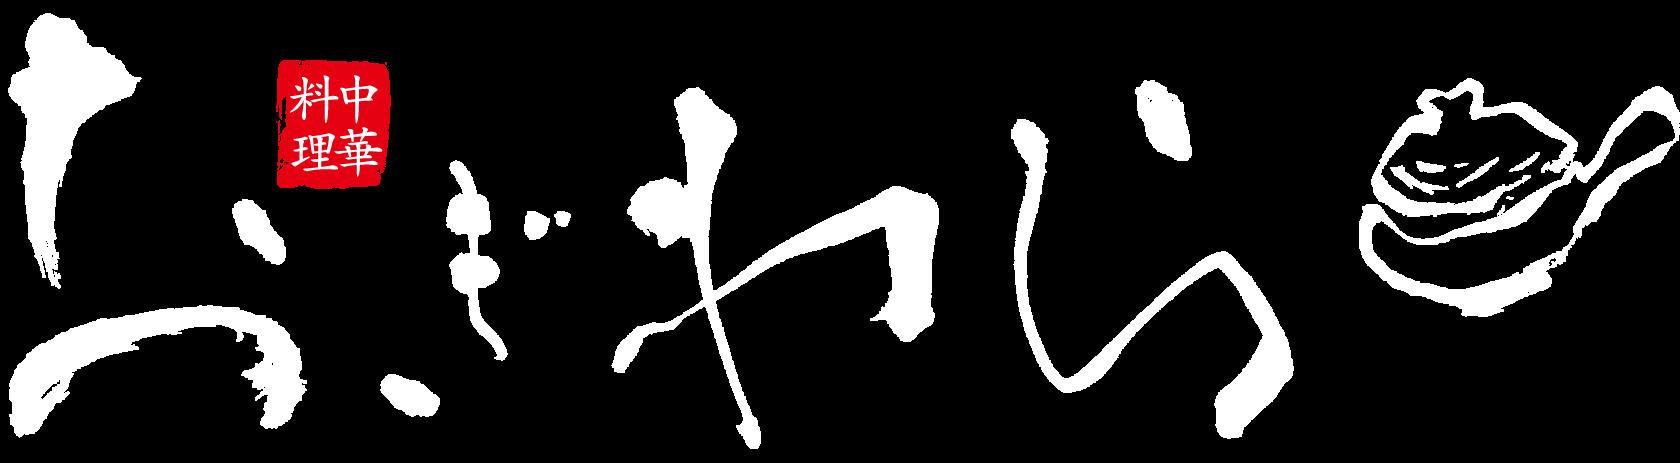 中華料理 おぎわら